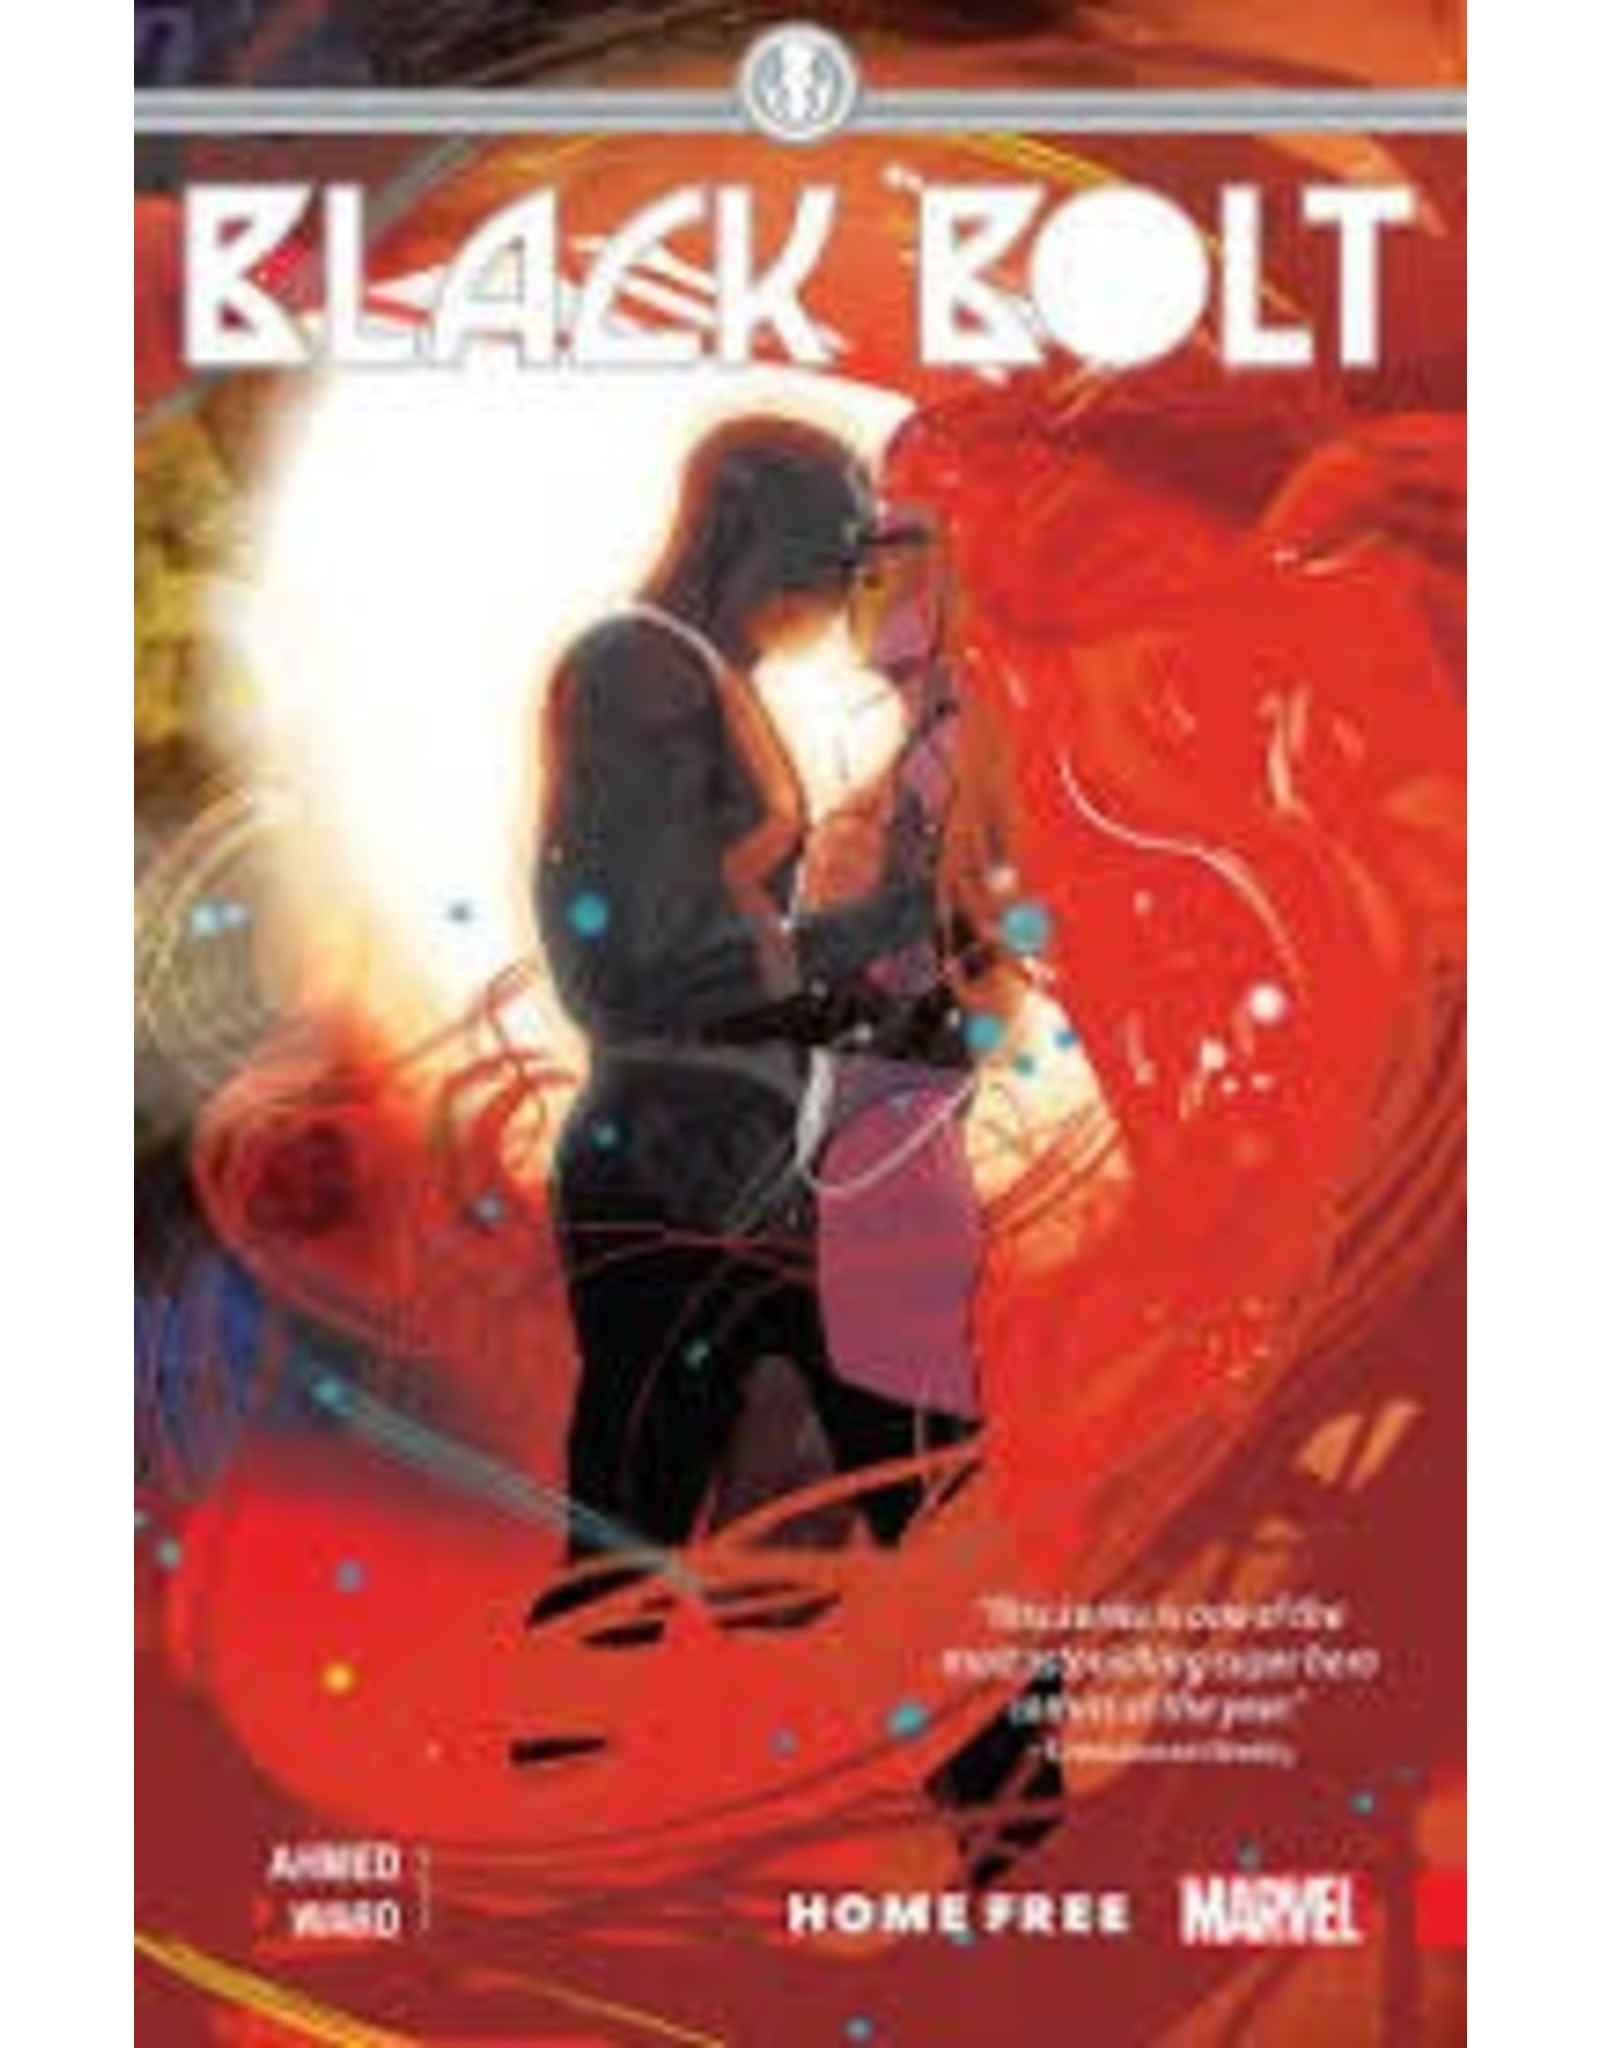 MARVEL COMICS BLACK BOLT TP VOL 02 HOME FREE